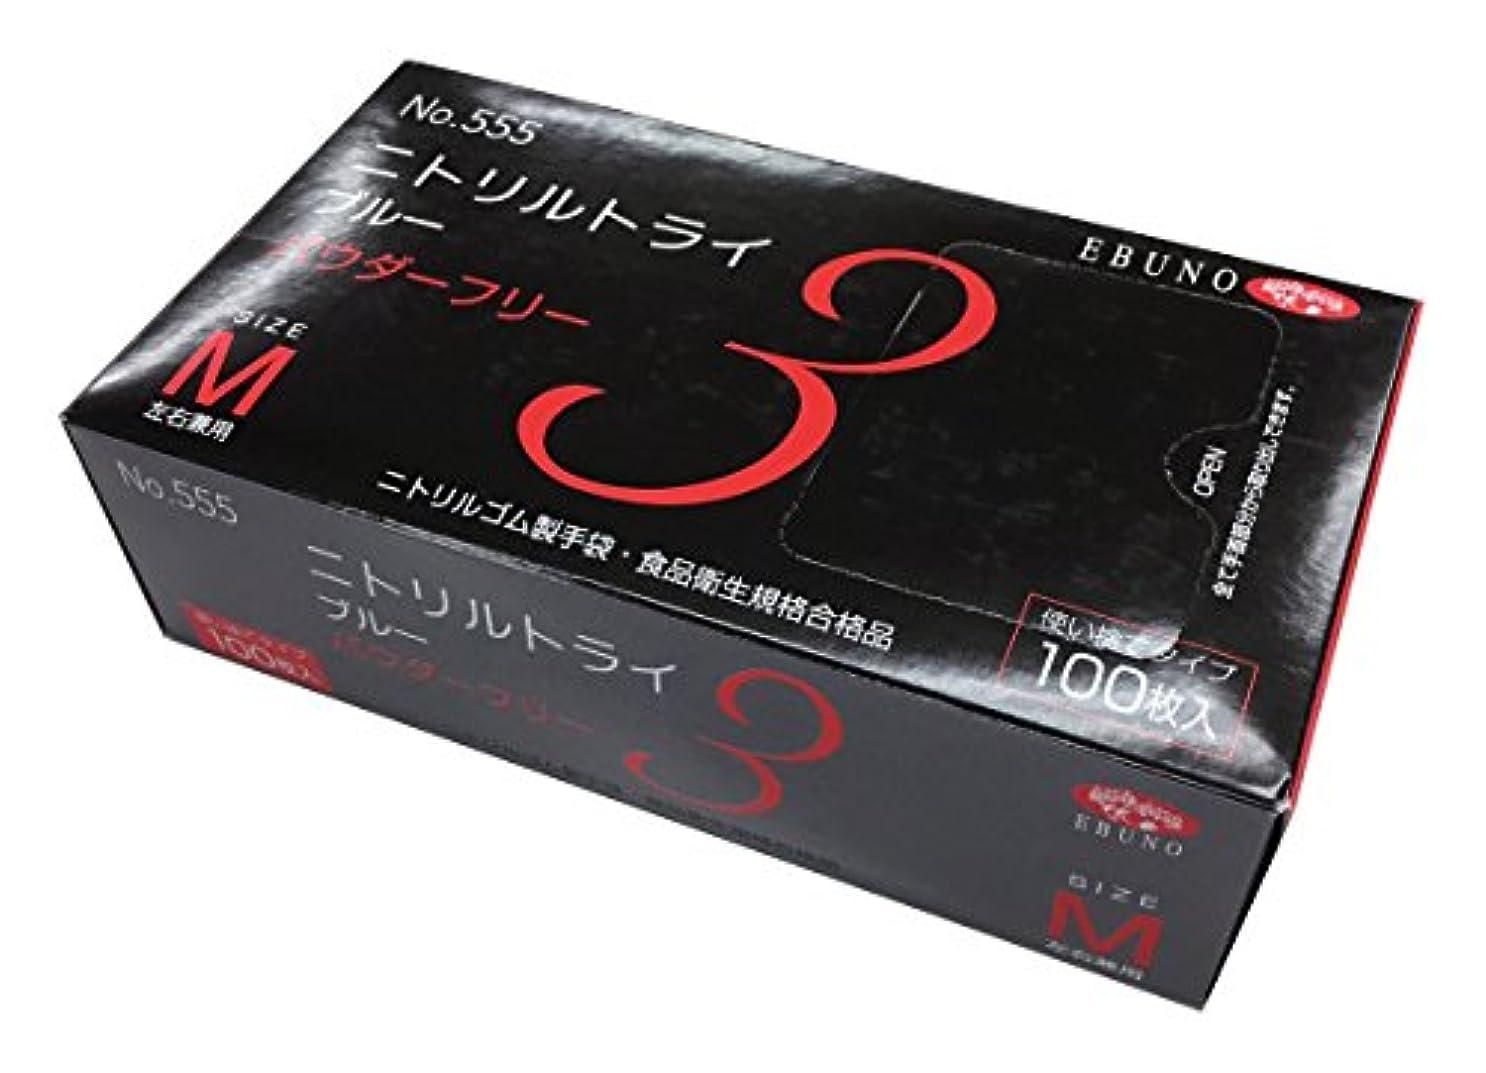 氷家事をする器官ニトリルトライ3 No.552 ホワイト 粉付 Lサイズ 100枚入